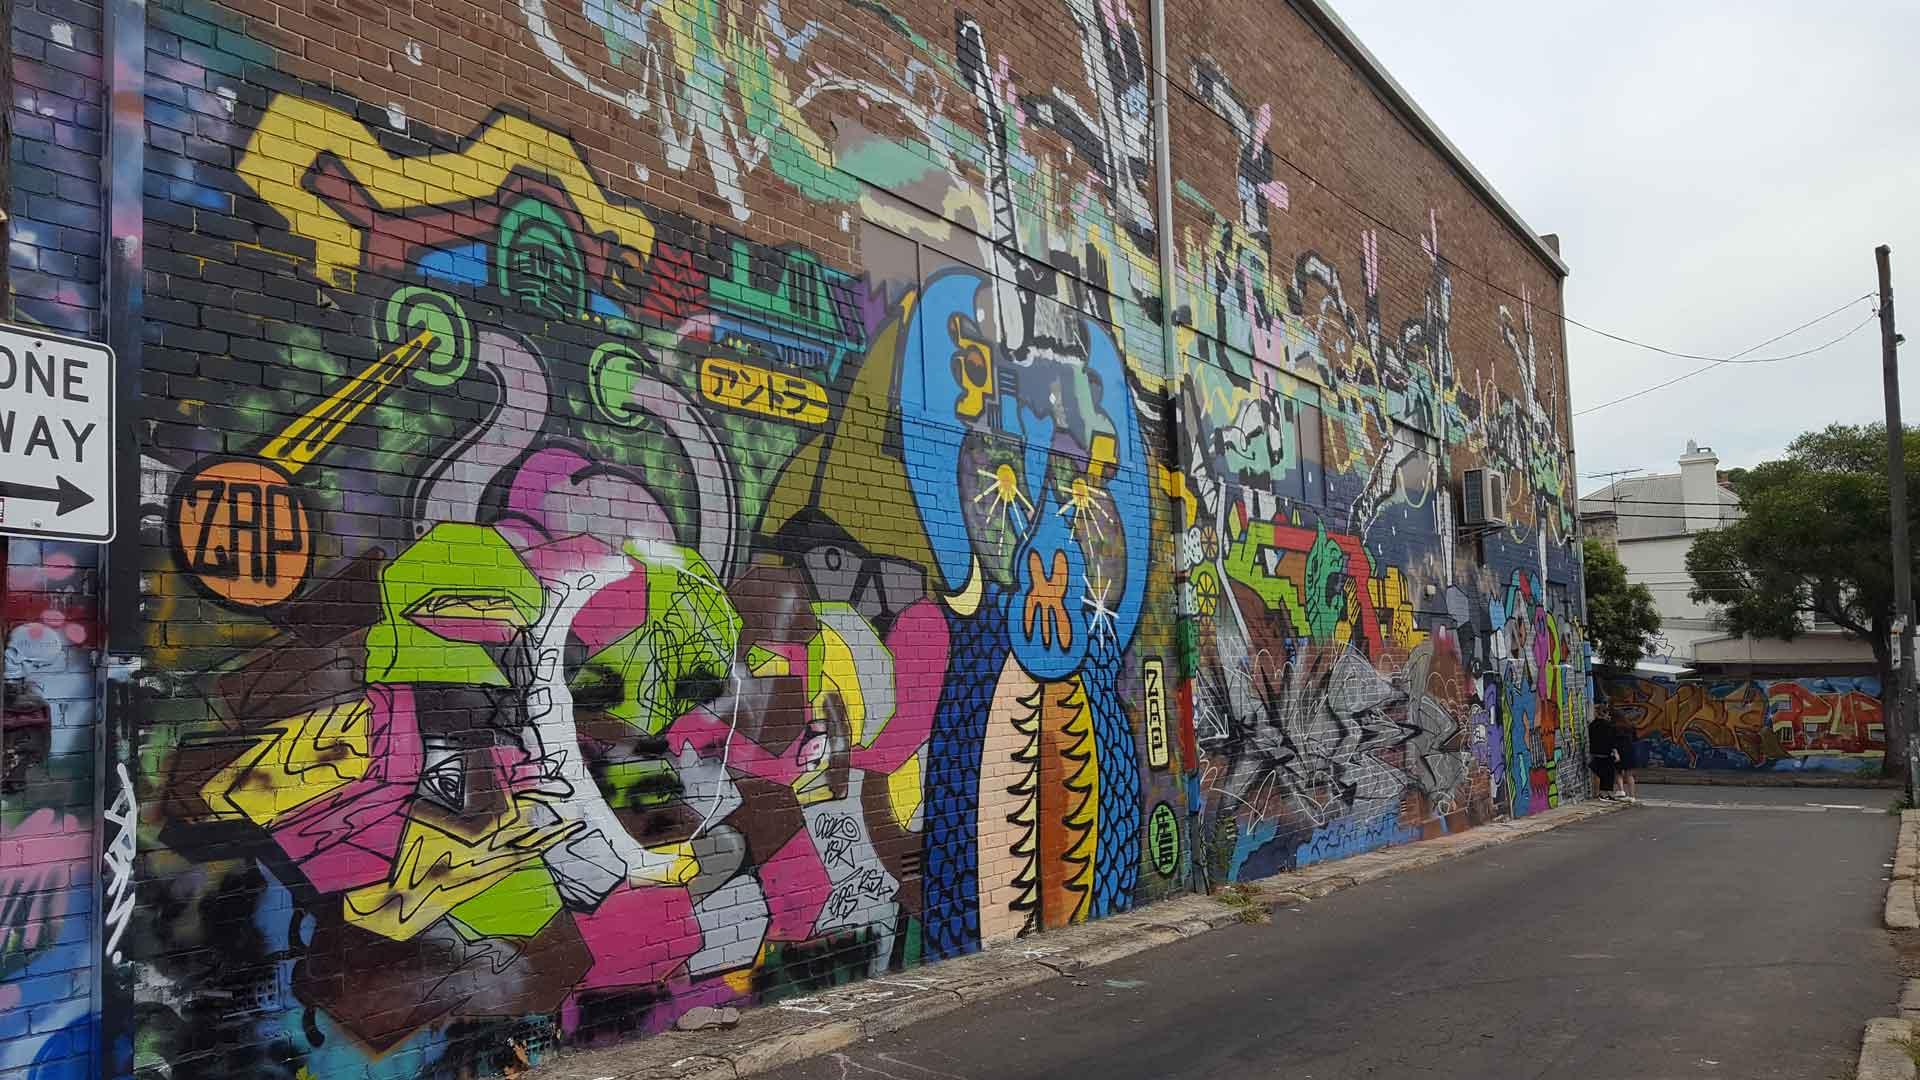 Alton Lane Denison Street Graffiti Newtown